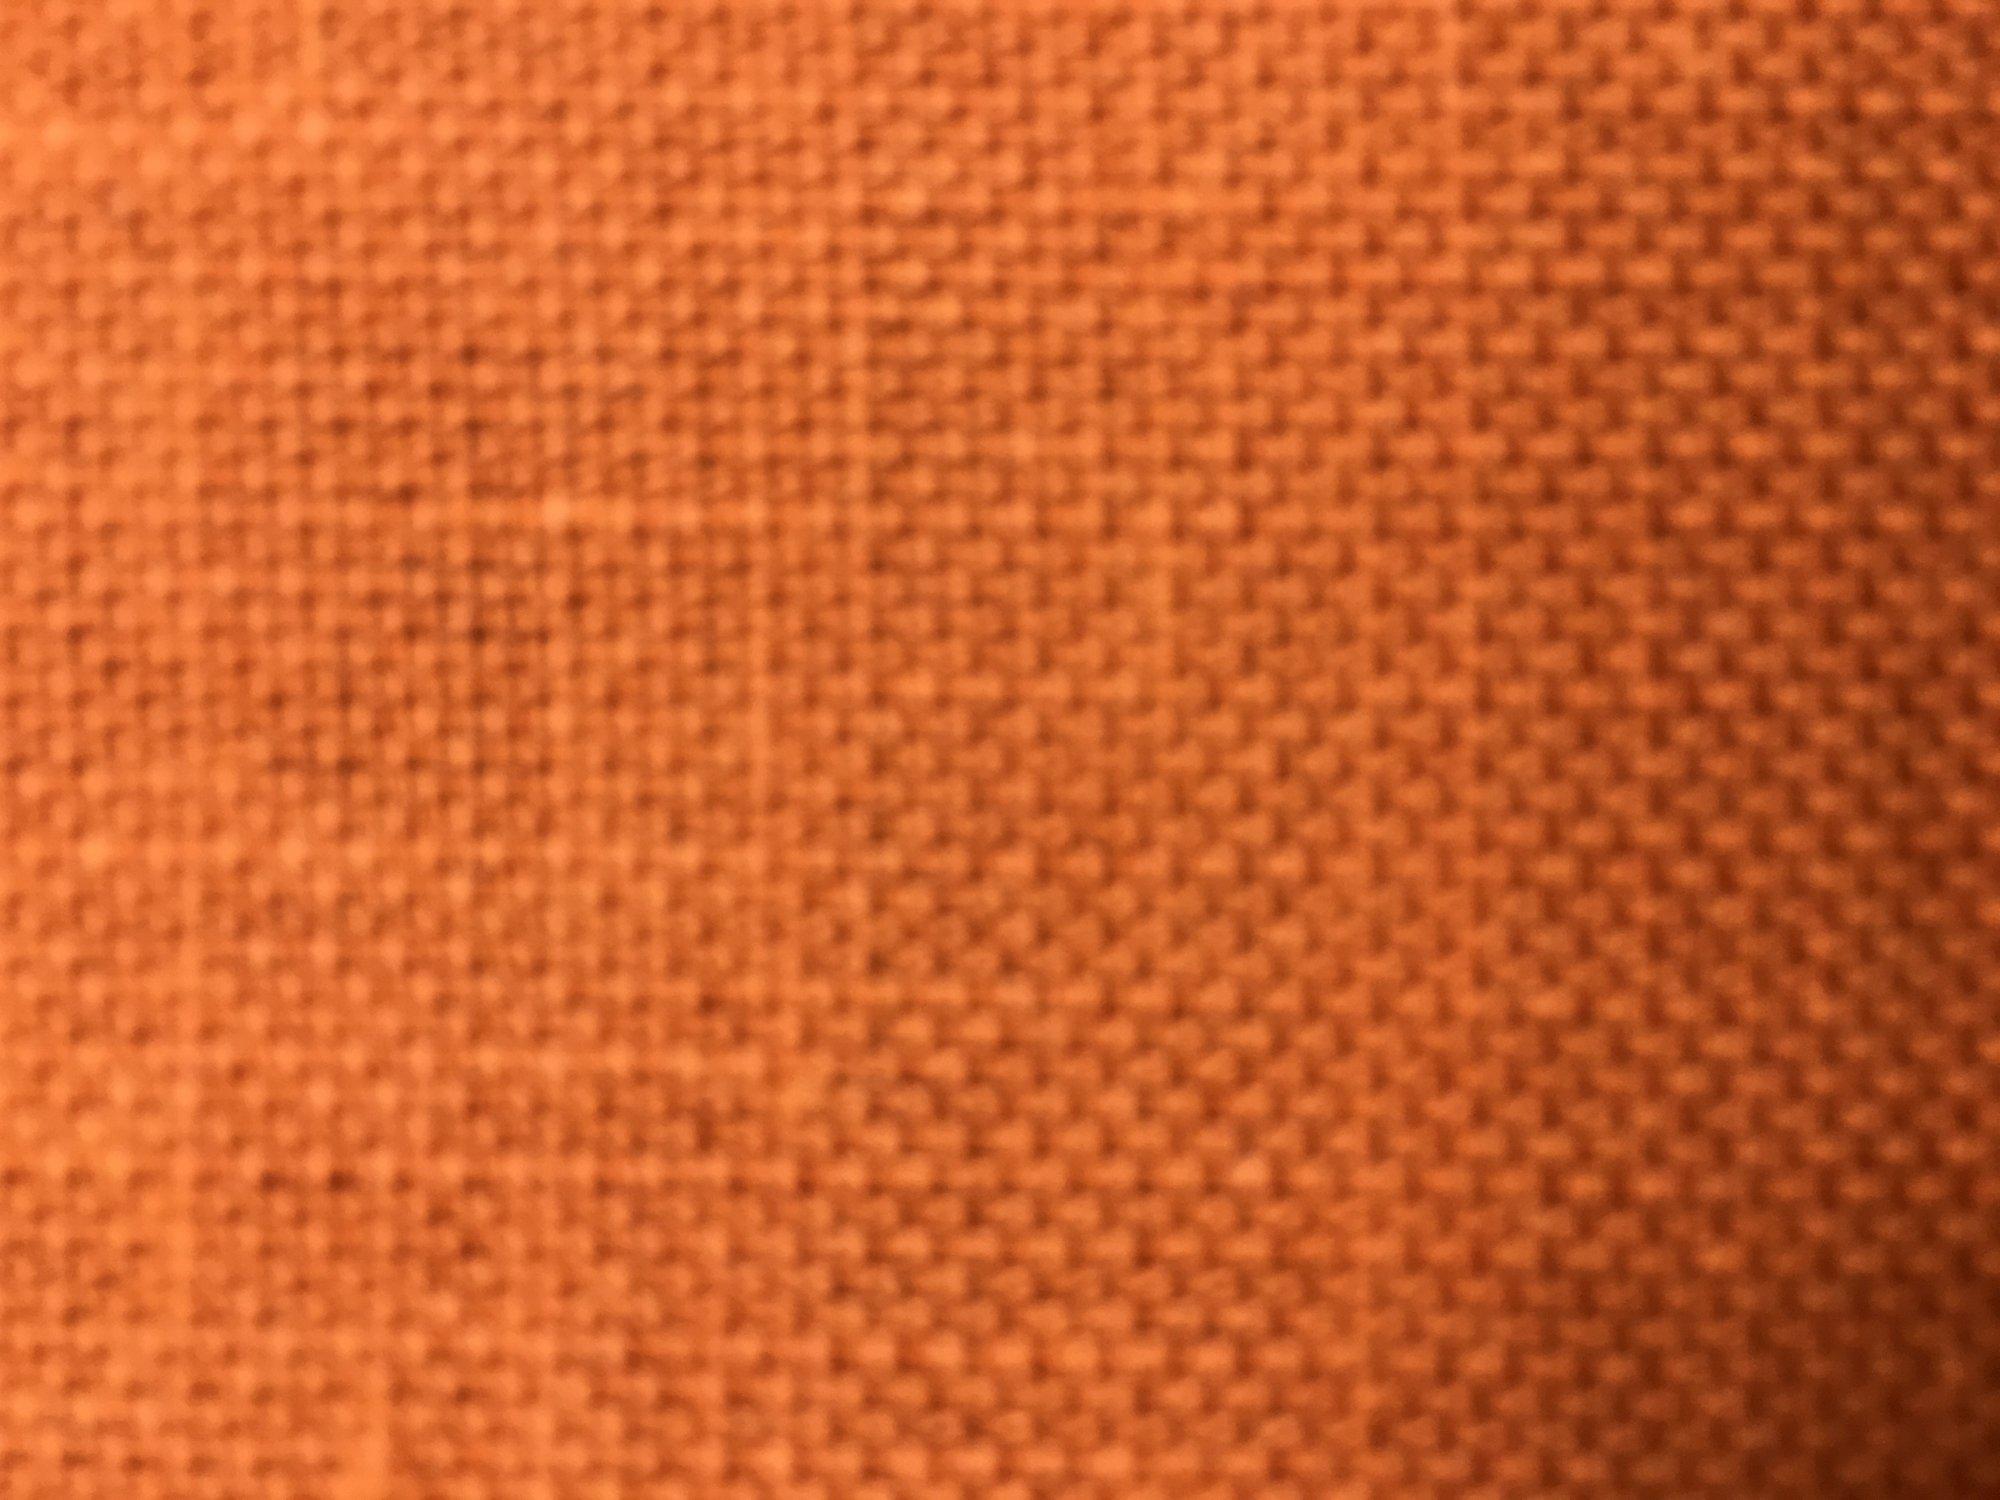 Orange 20x15 22ct